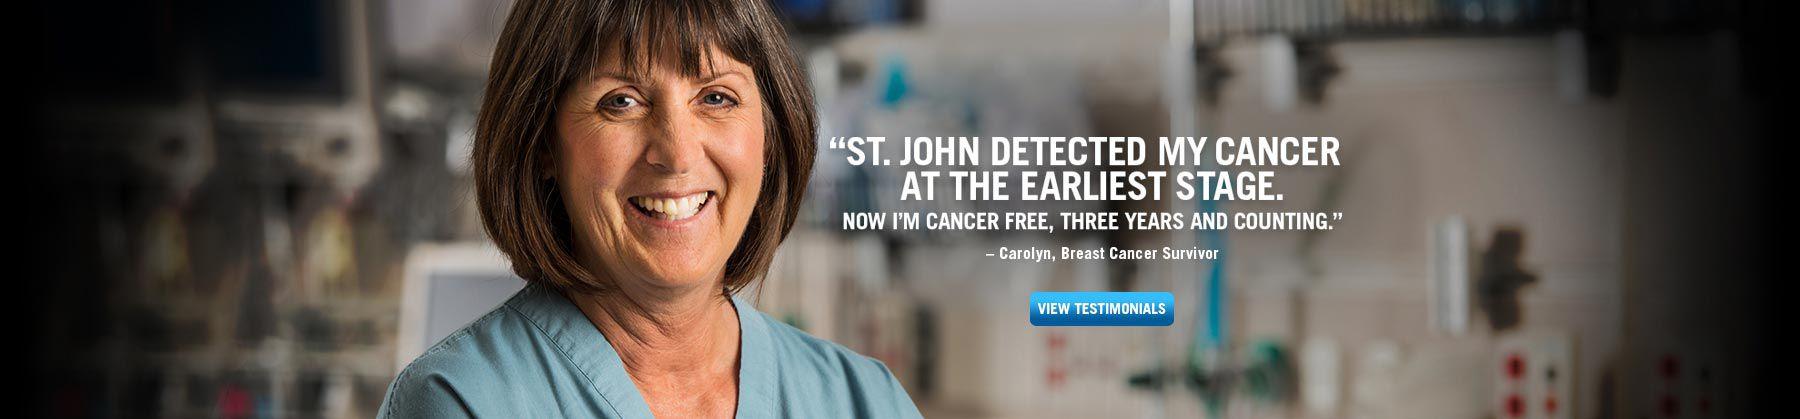 Carolyn, Breast Cancer Survivor